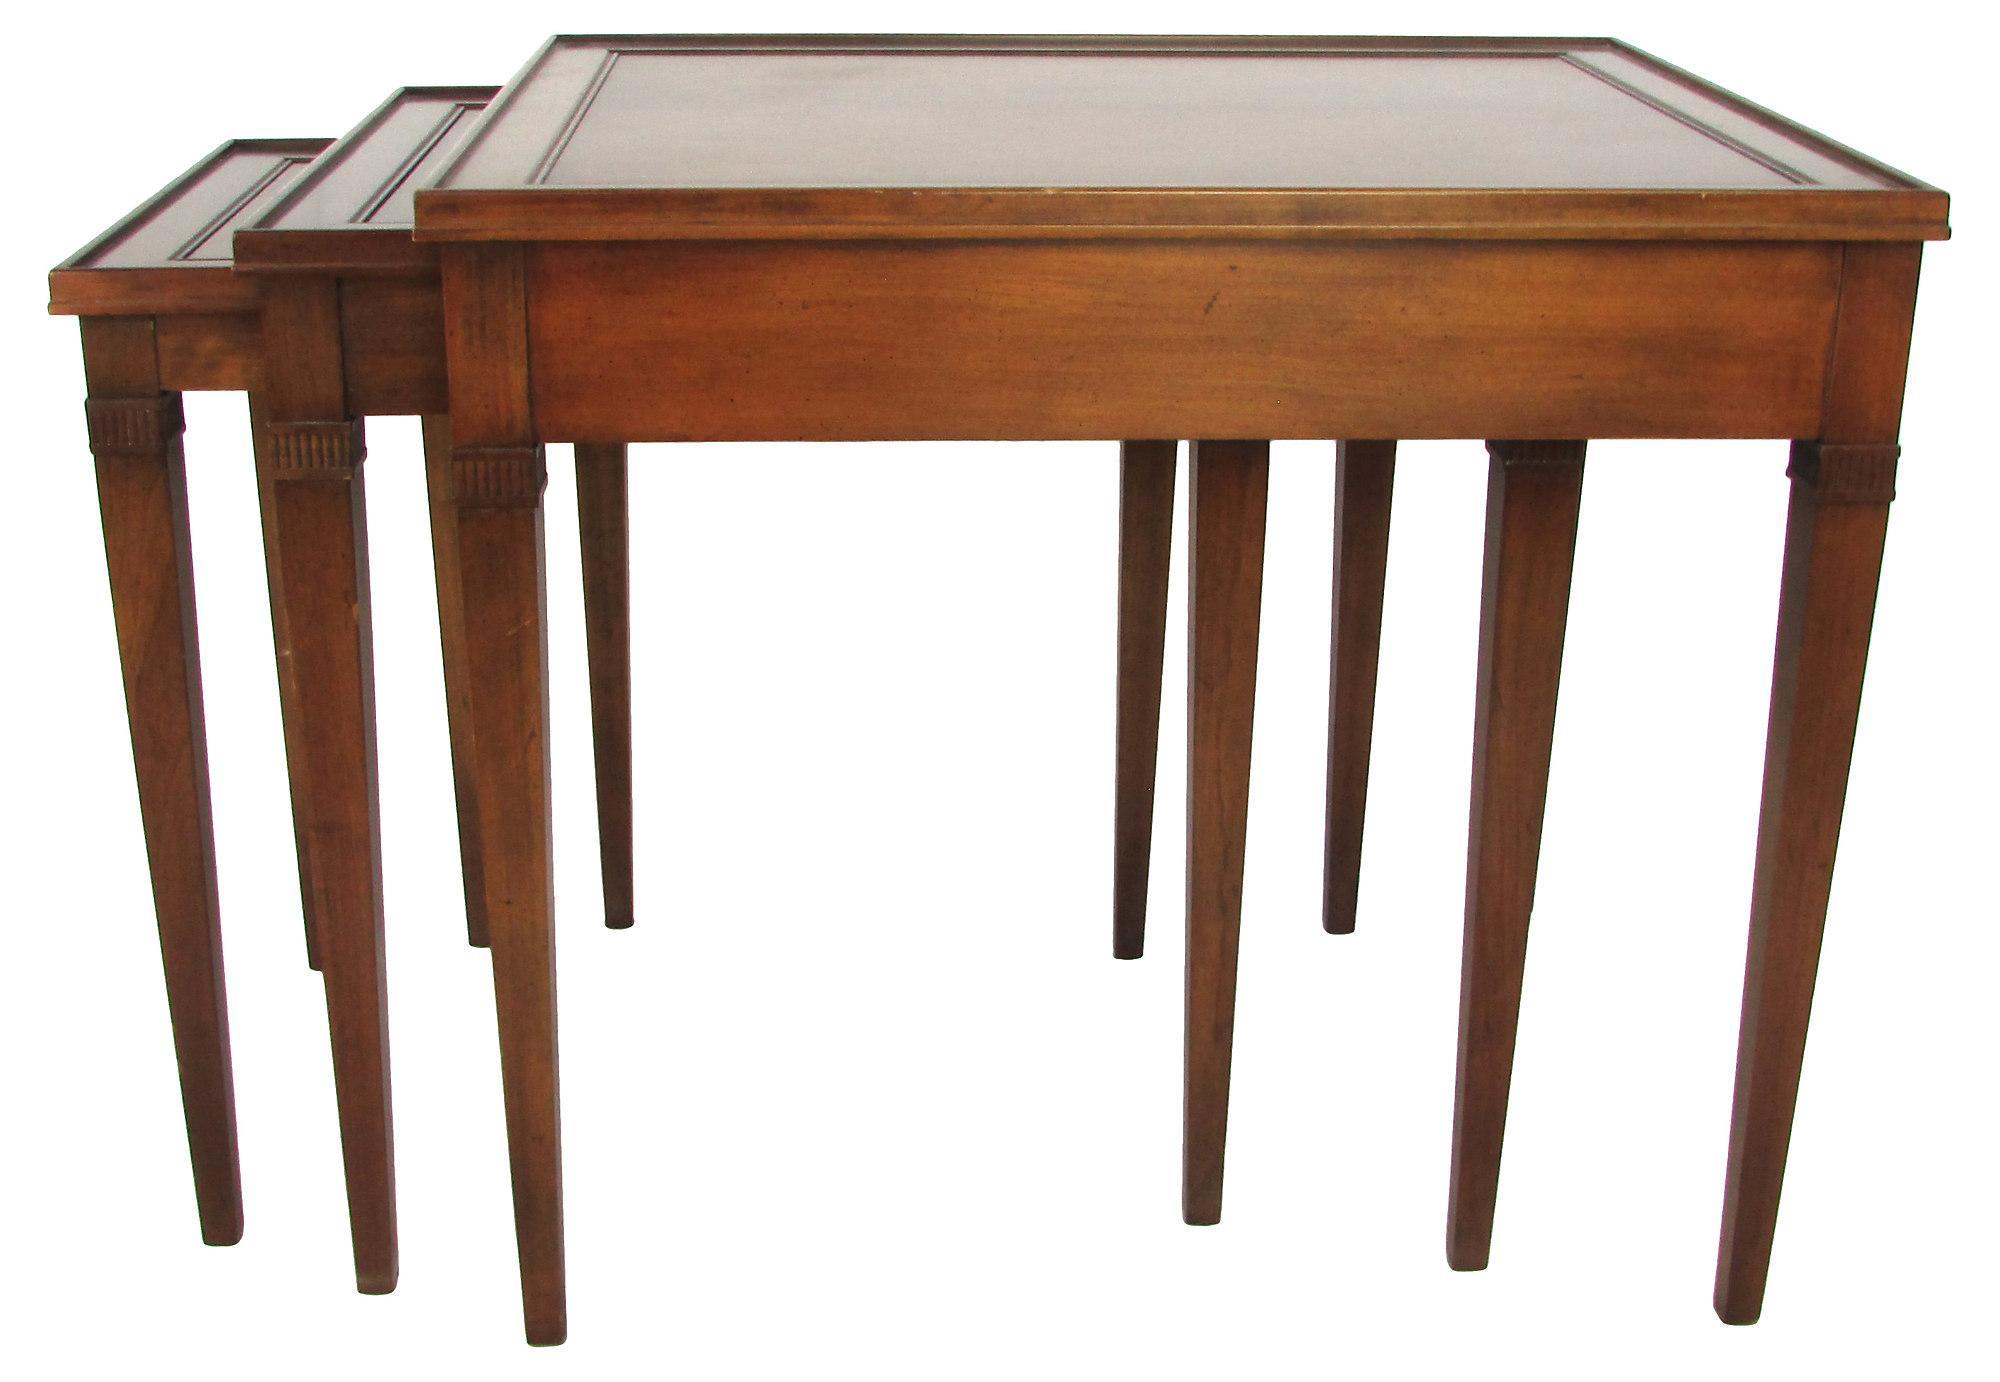 Wonderful Image Of Regency Style Mahogany Nesting Tables   Set Of 3